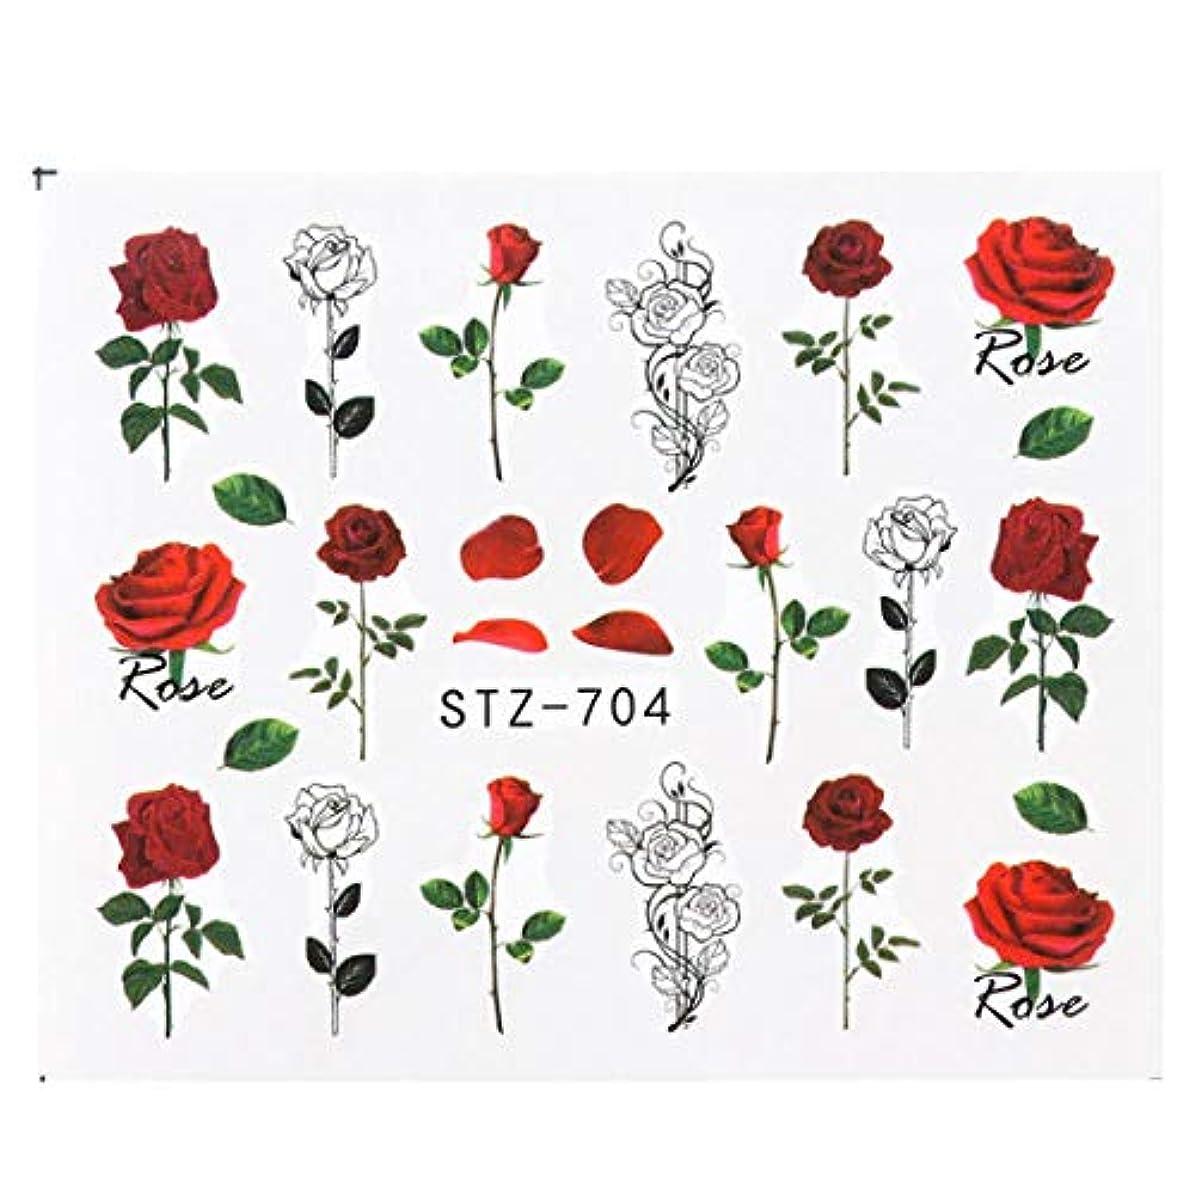 ナインへ小道たくさんSUKTI&XIAO ネイルステッカー ネイルアート転送タトゥーフラミンゴリーフジェルマニキュア接着剤の装飾、Stz704のための1個の花のスライダーウォーターステッカーデカール